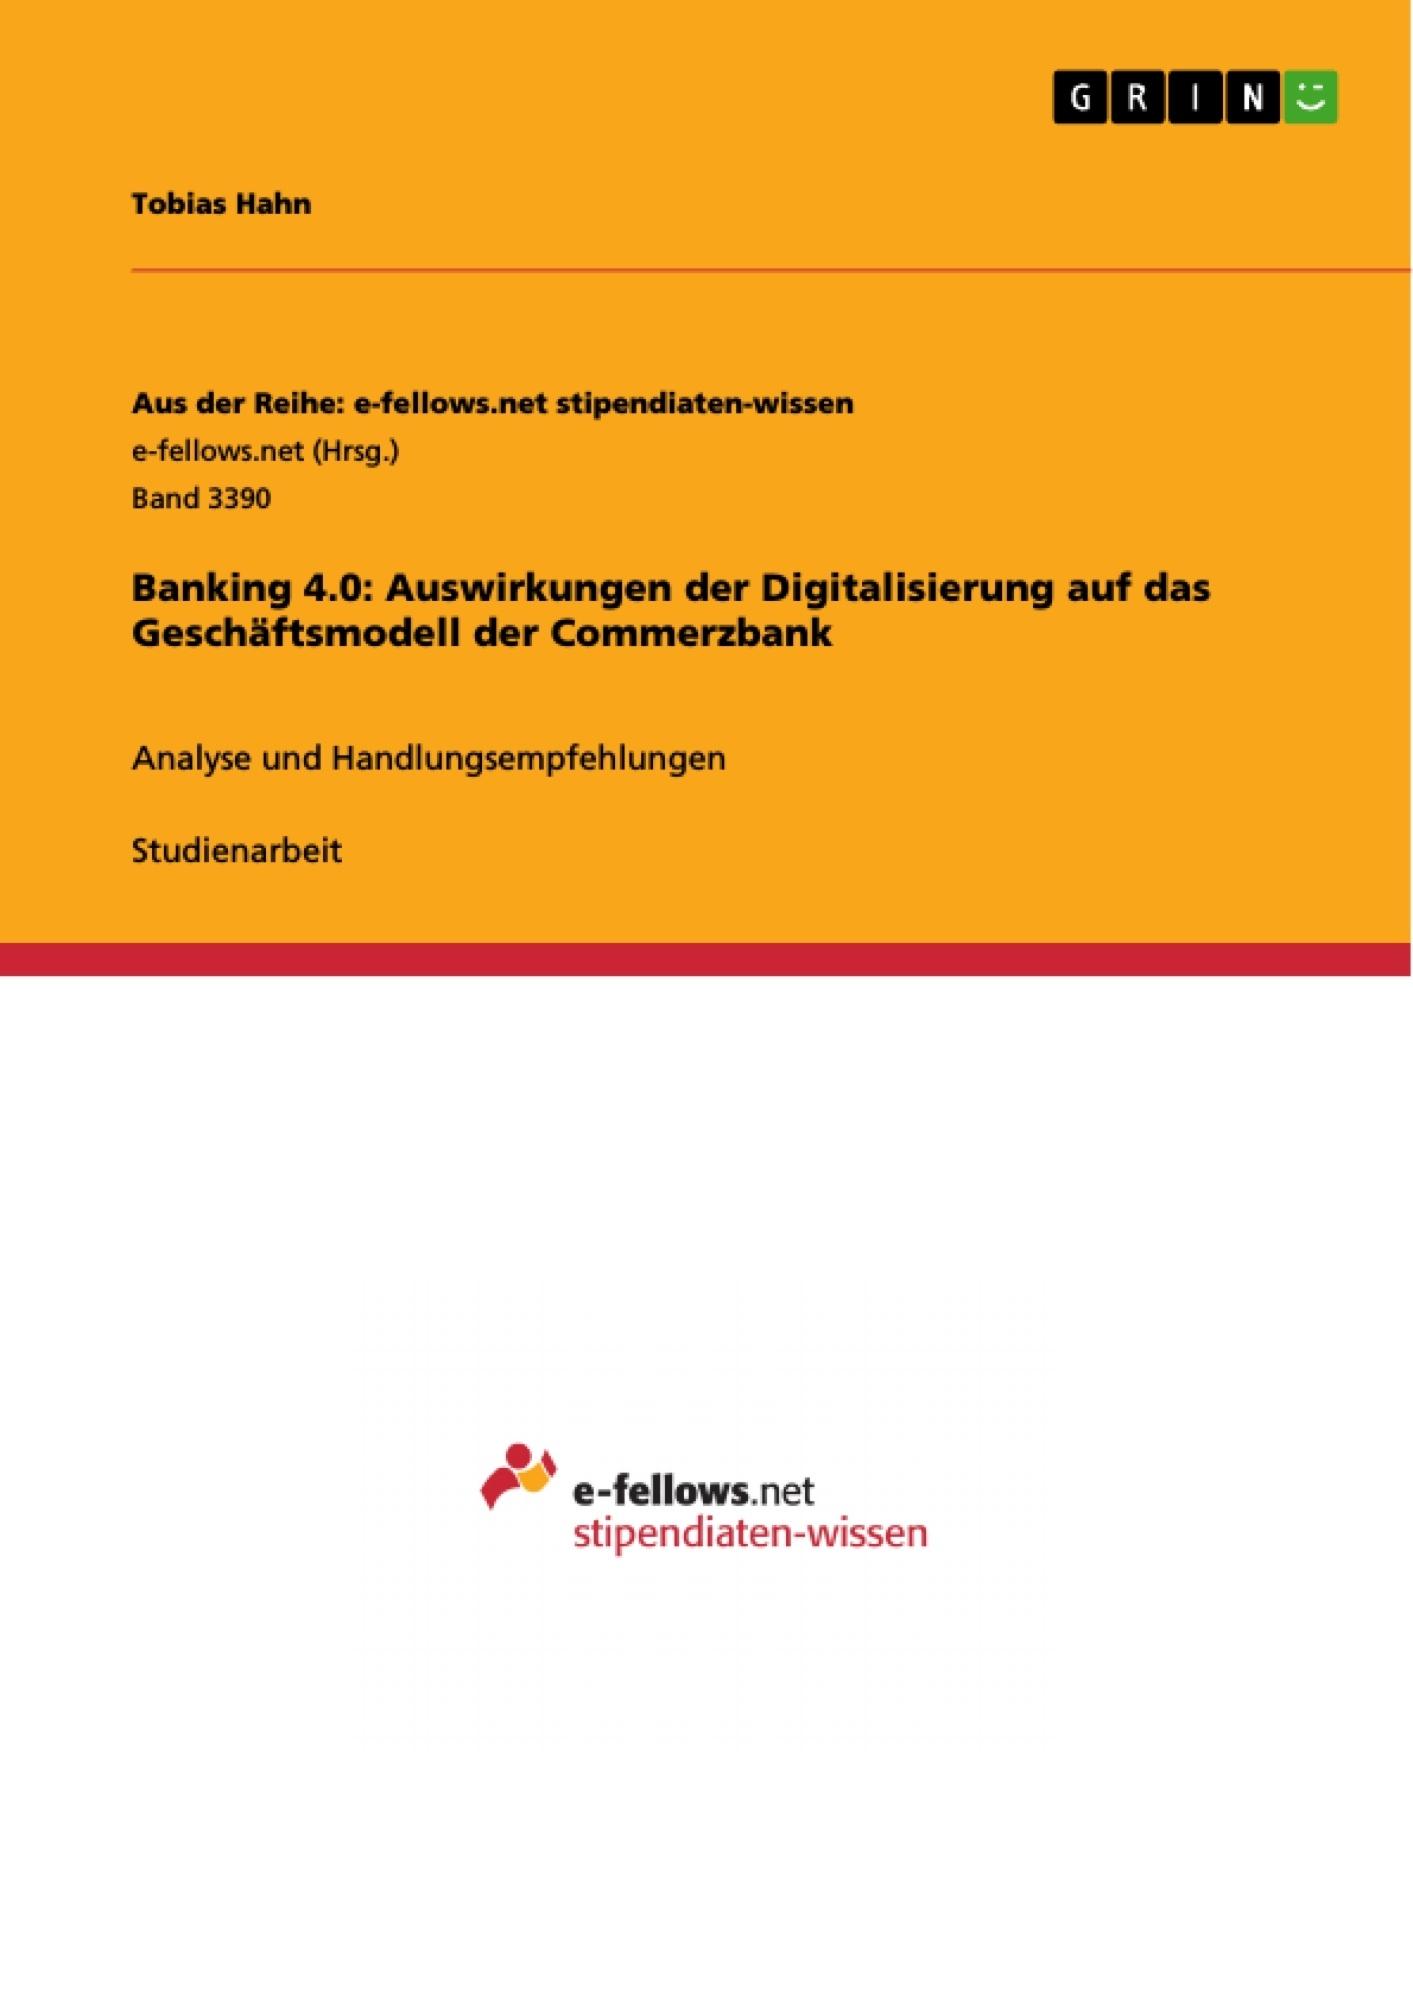 Titel: Banking 4.0: Auswirkungen der Digitalisierung auf das Geschäftsmodell der Commerzbank